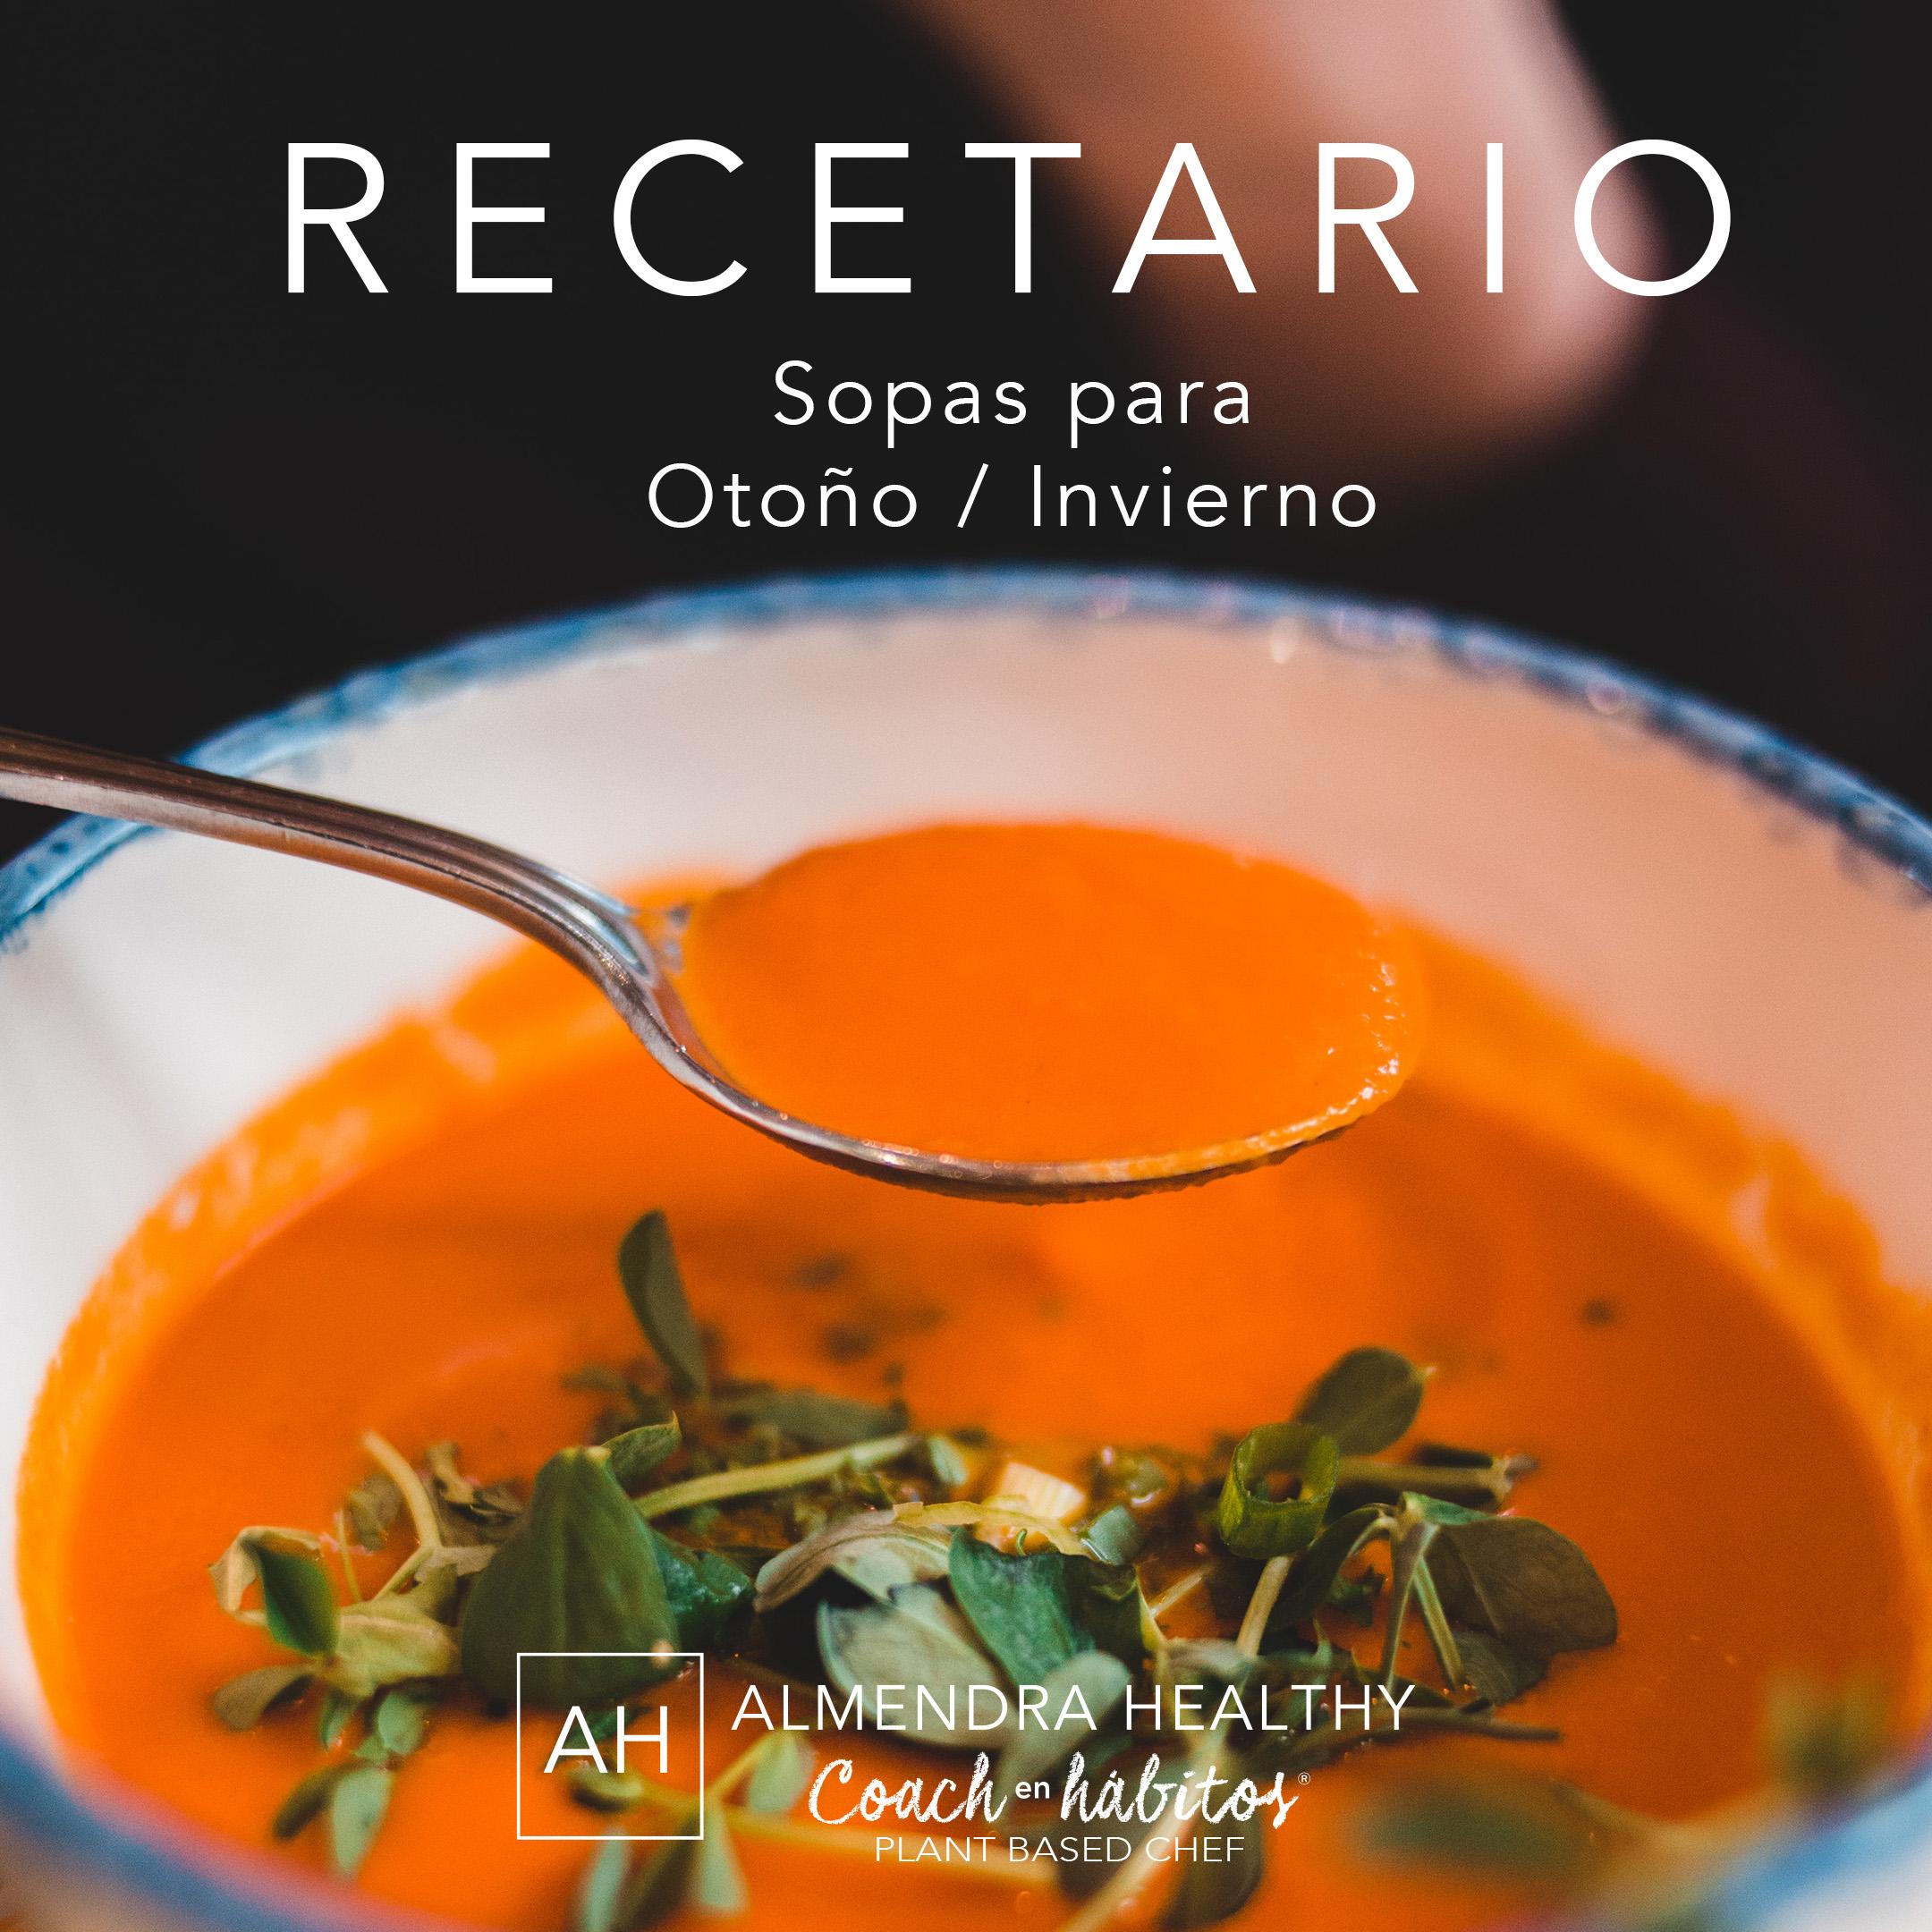 Recetario Sopas Otoño